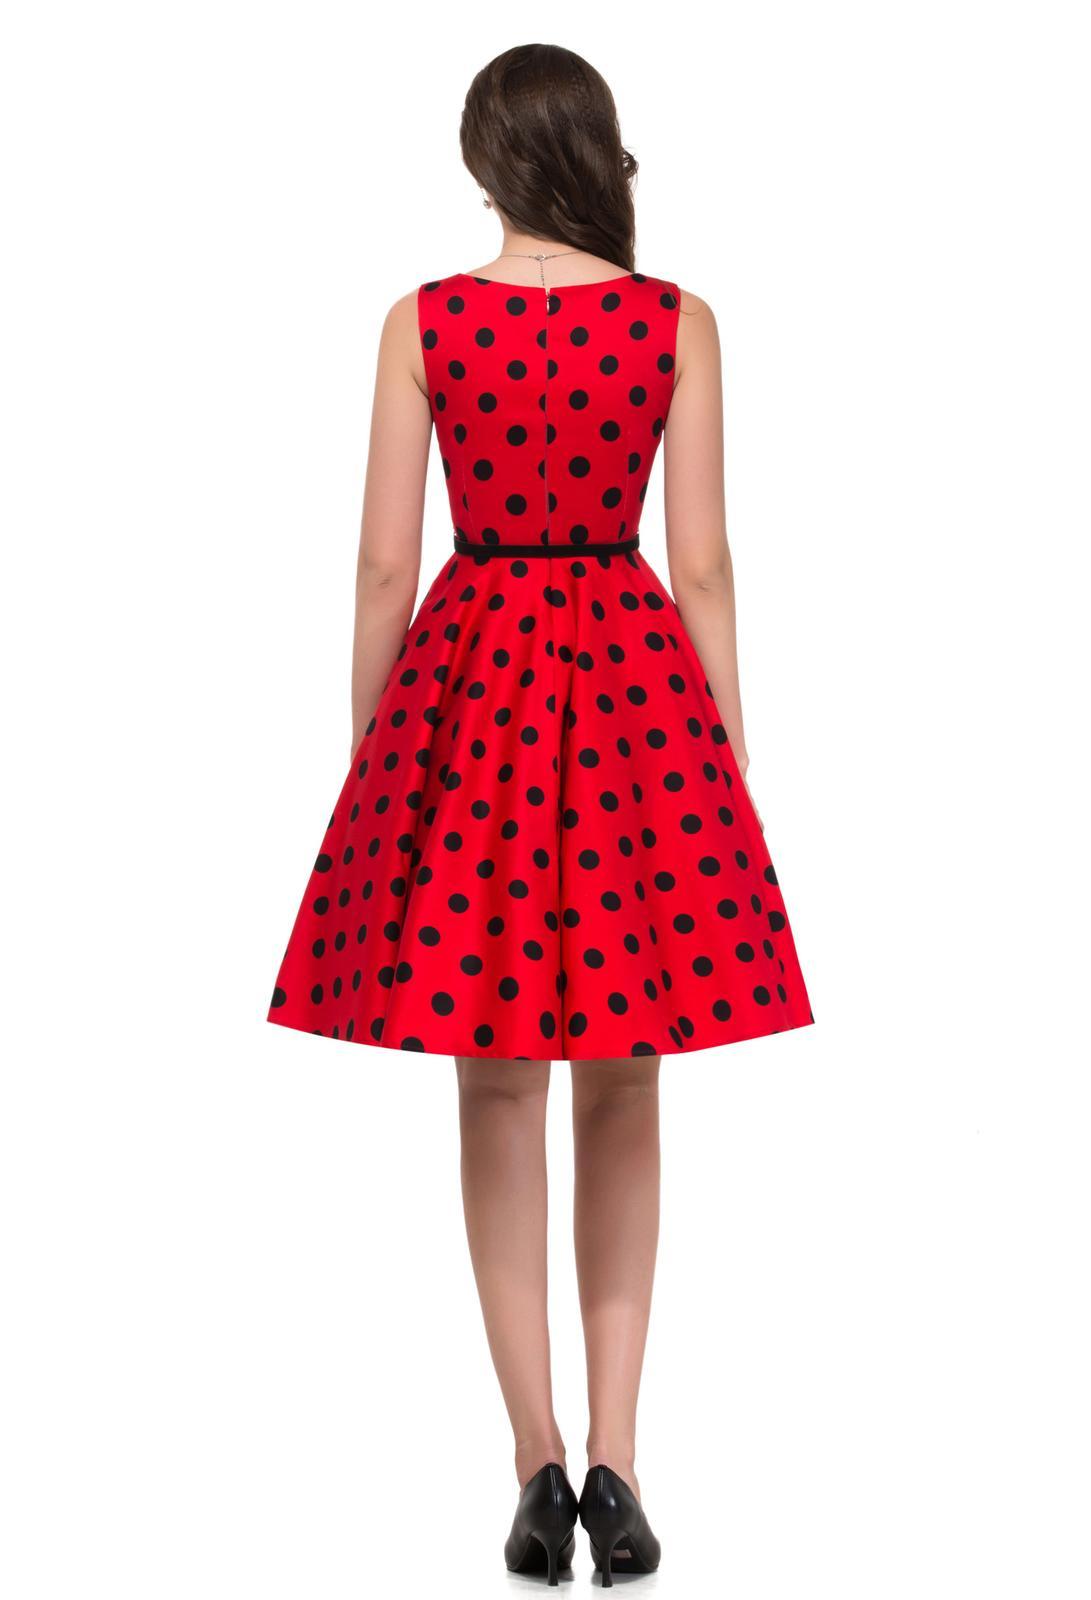 Retro šaty - Prekrásne červené retro šaty s čiernymi guličkami 50. roky SKLADOM: http://salonevamaria.sk/index.php?id_category=27&controller=category NA OBJEDNÁVKU: http://salonevamaria.sk/index.php?id_category=10&controller=category